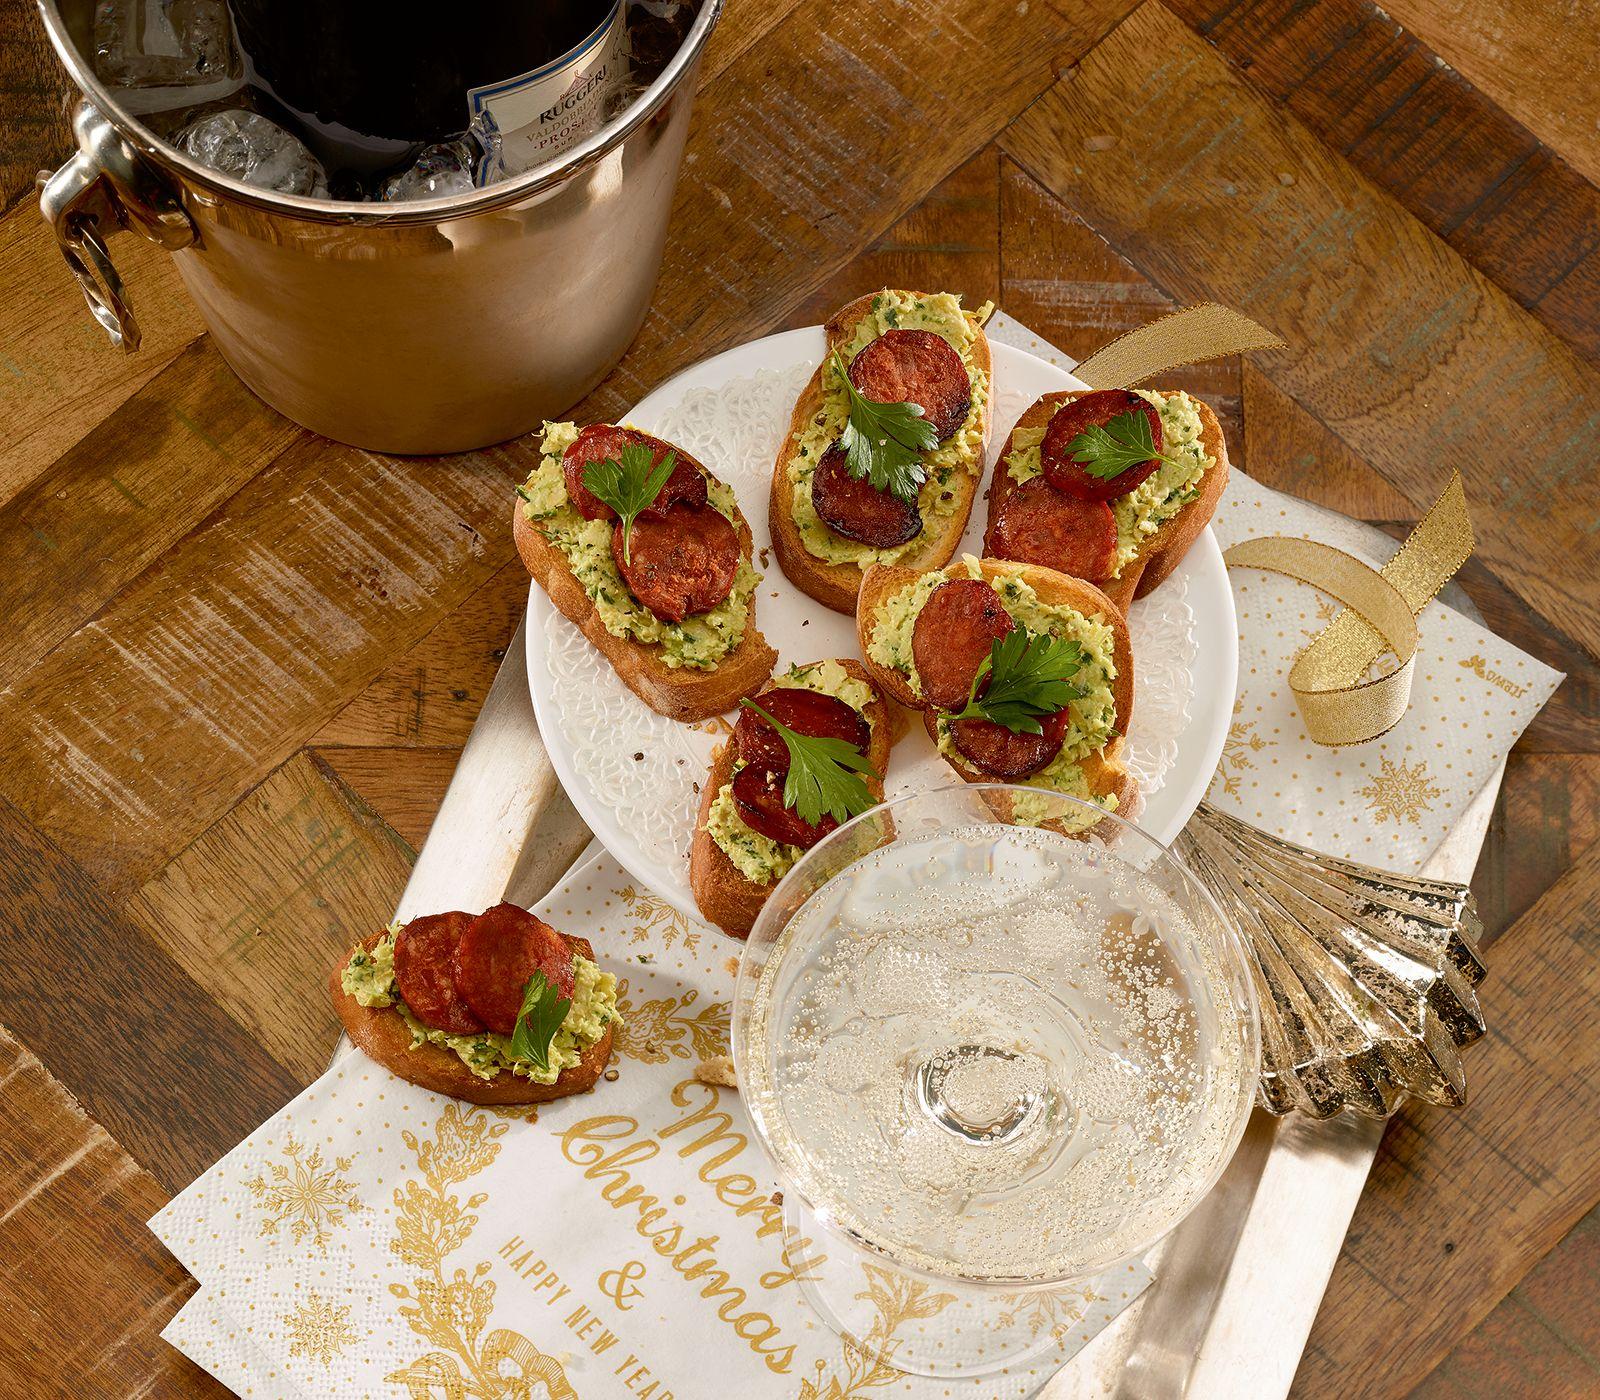 Crostini kann man mit verschiedensten Zutaten belegen. Mit einer würzigen Artischocken-Creme und scharfer Chorizo sind sie jedoch ein besonderer Leckerbissen.